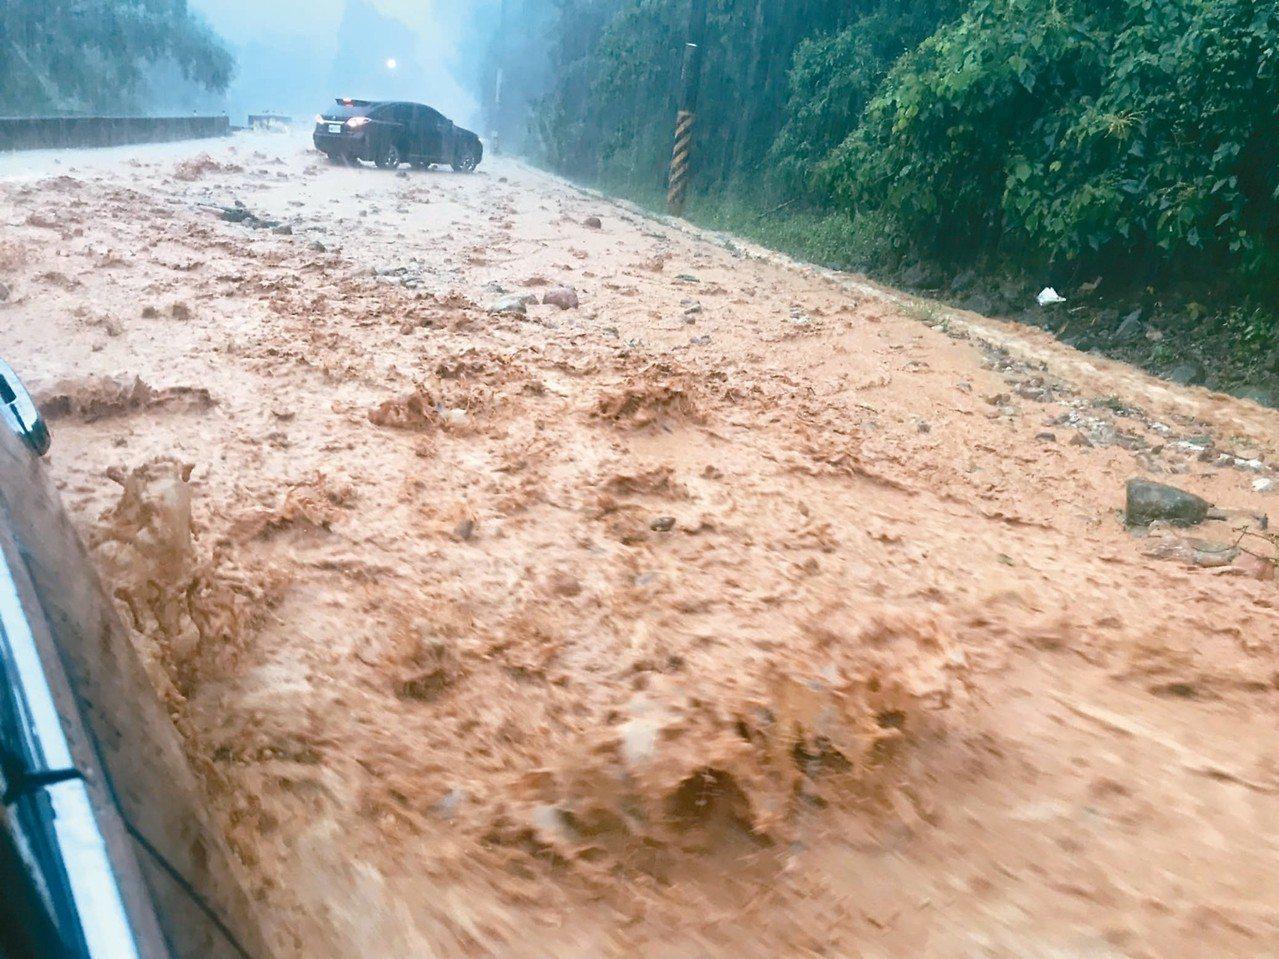 南投縣埔里鎮大坪頂昨天清晨洪水夾帶土石衝向路面,導致車輛受困,駕駛踩緊油門逃離,...